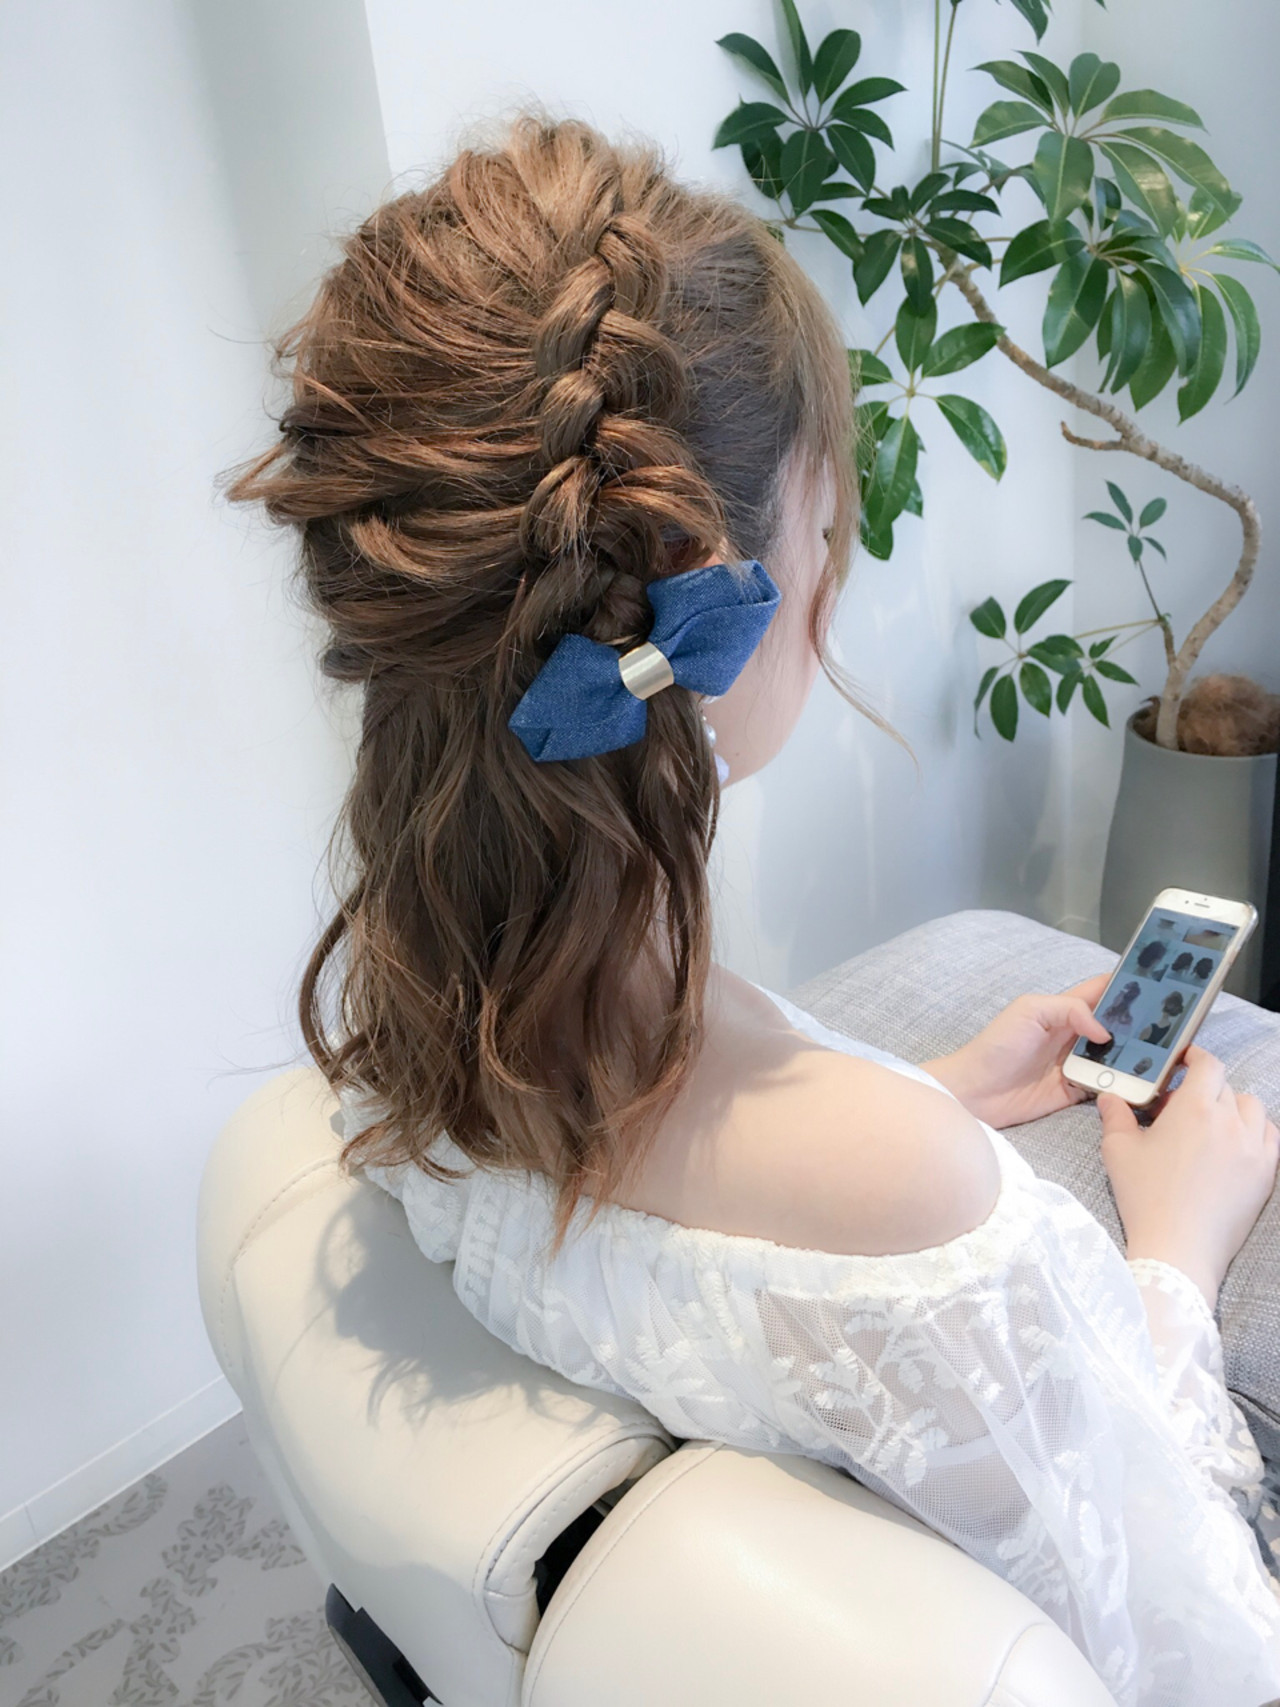 セミロング デート 編み込み ハーフアップ ヘアスタイルや髪型の写真・画像